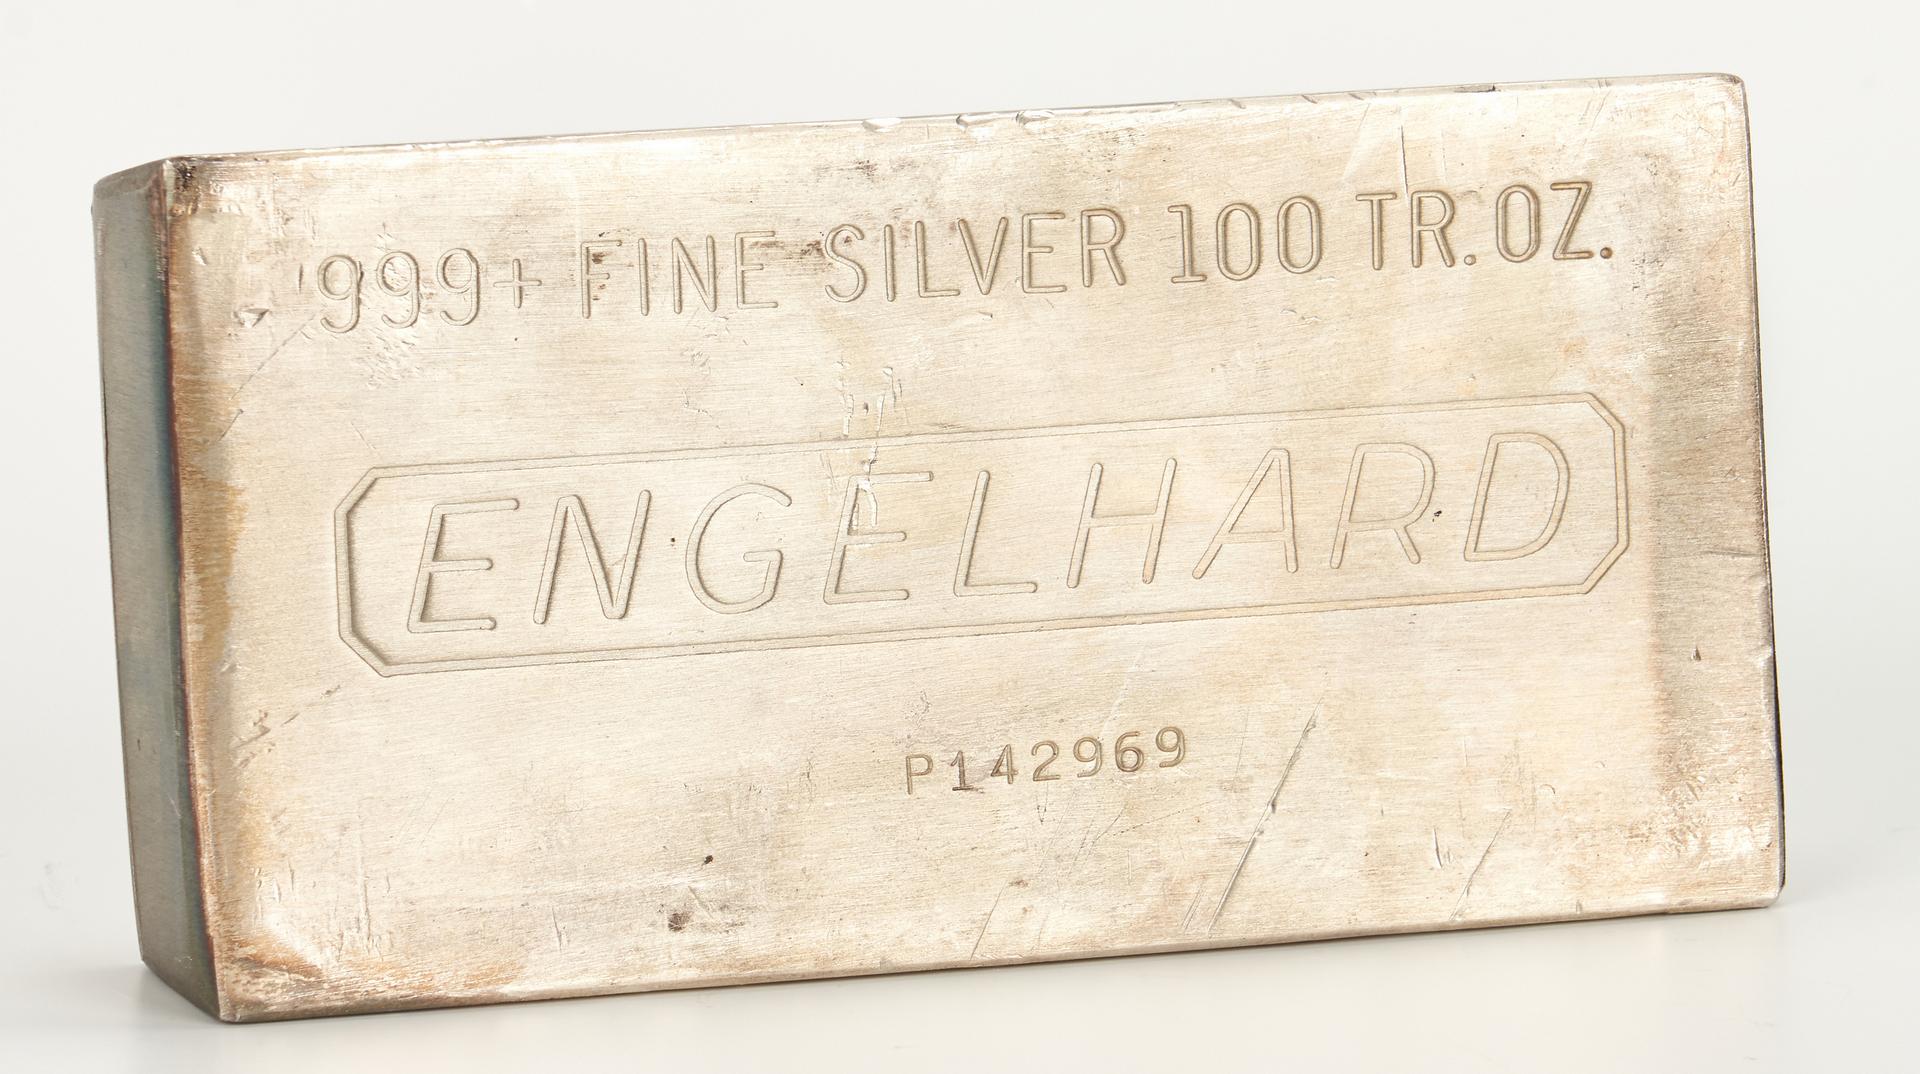 Lot 760: Engelhard Silver Ingot, 100 Troy Ounces